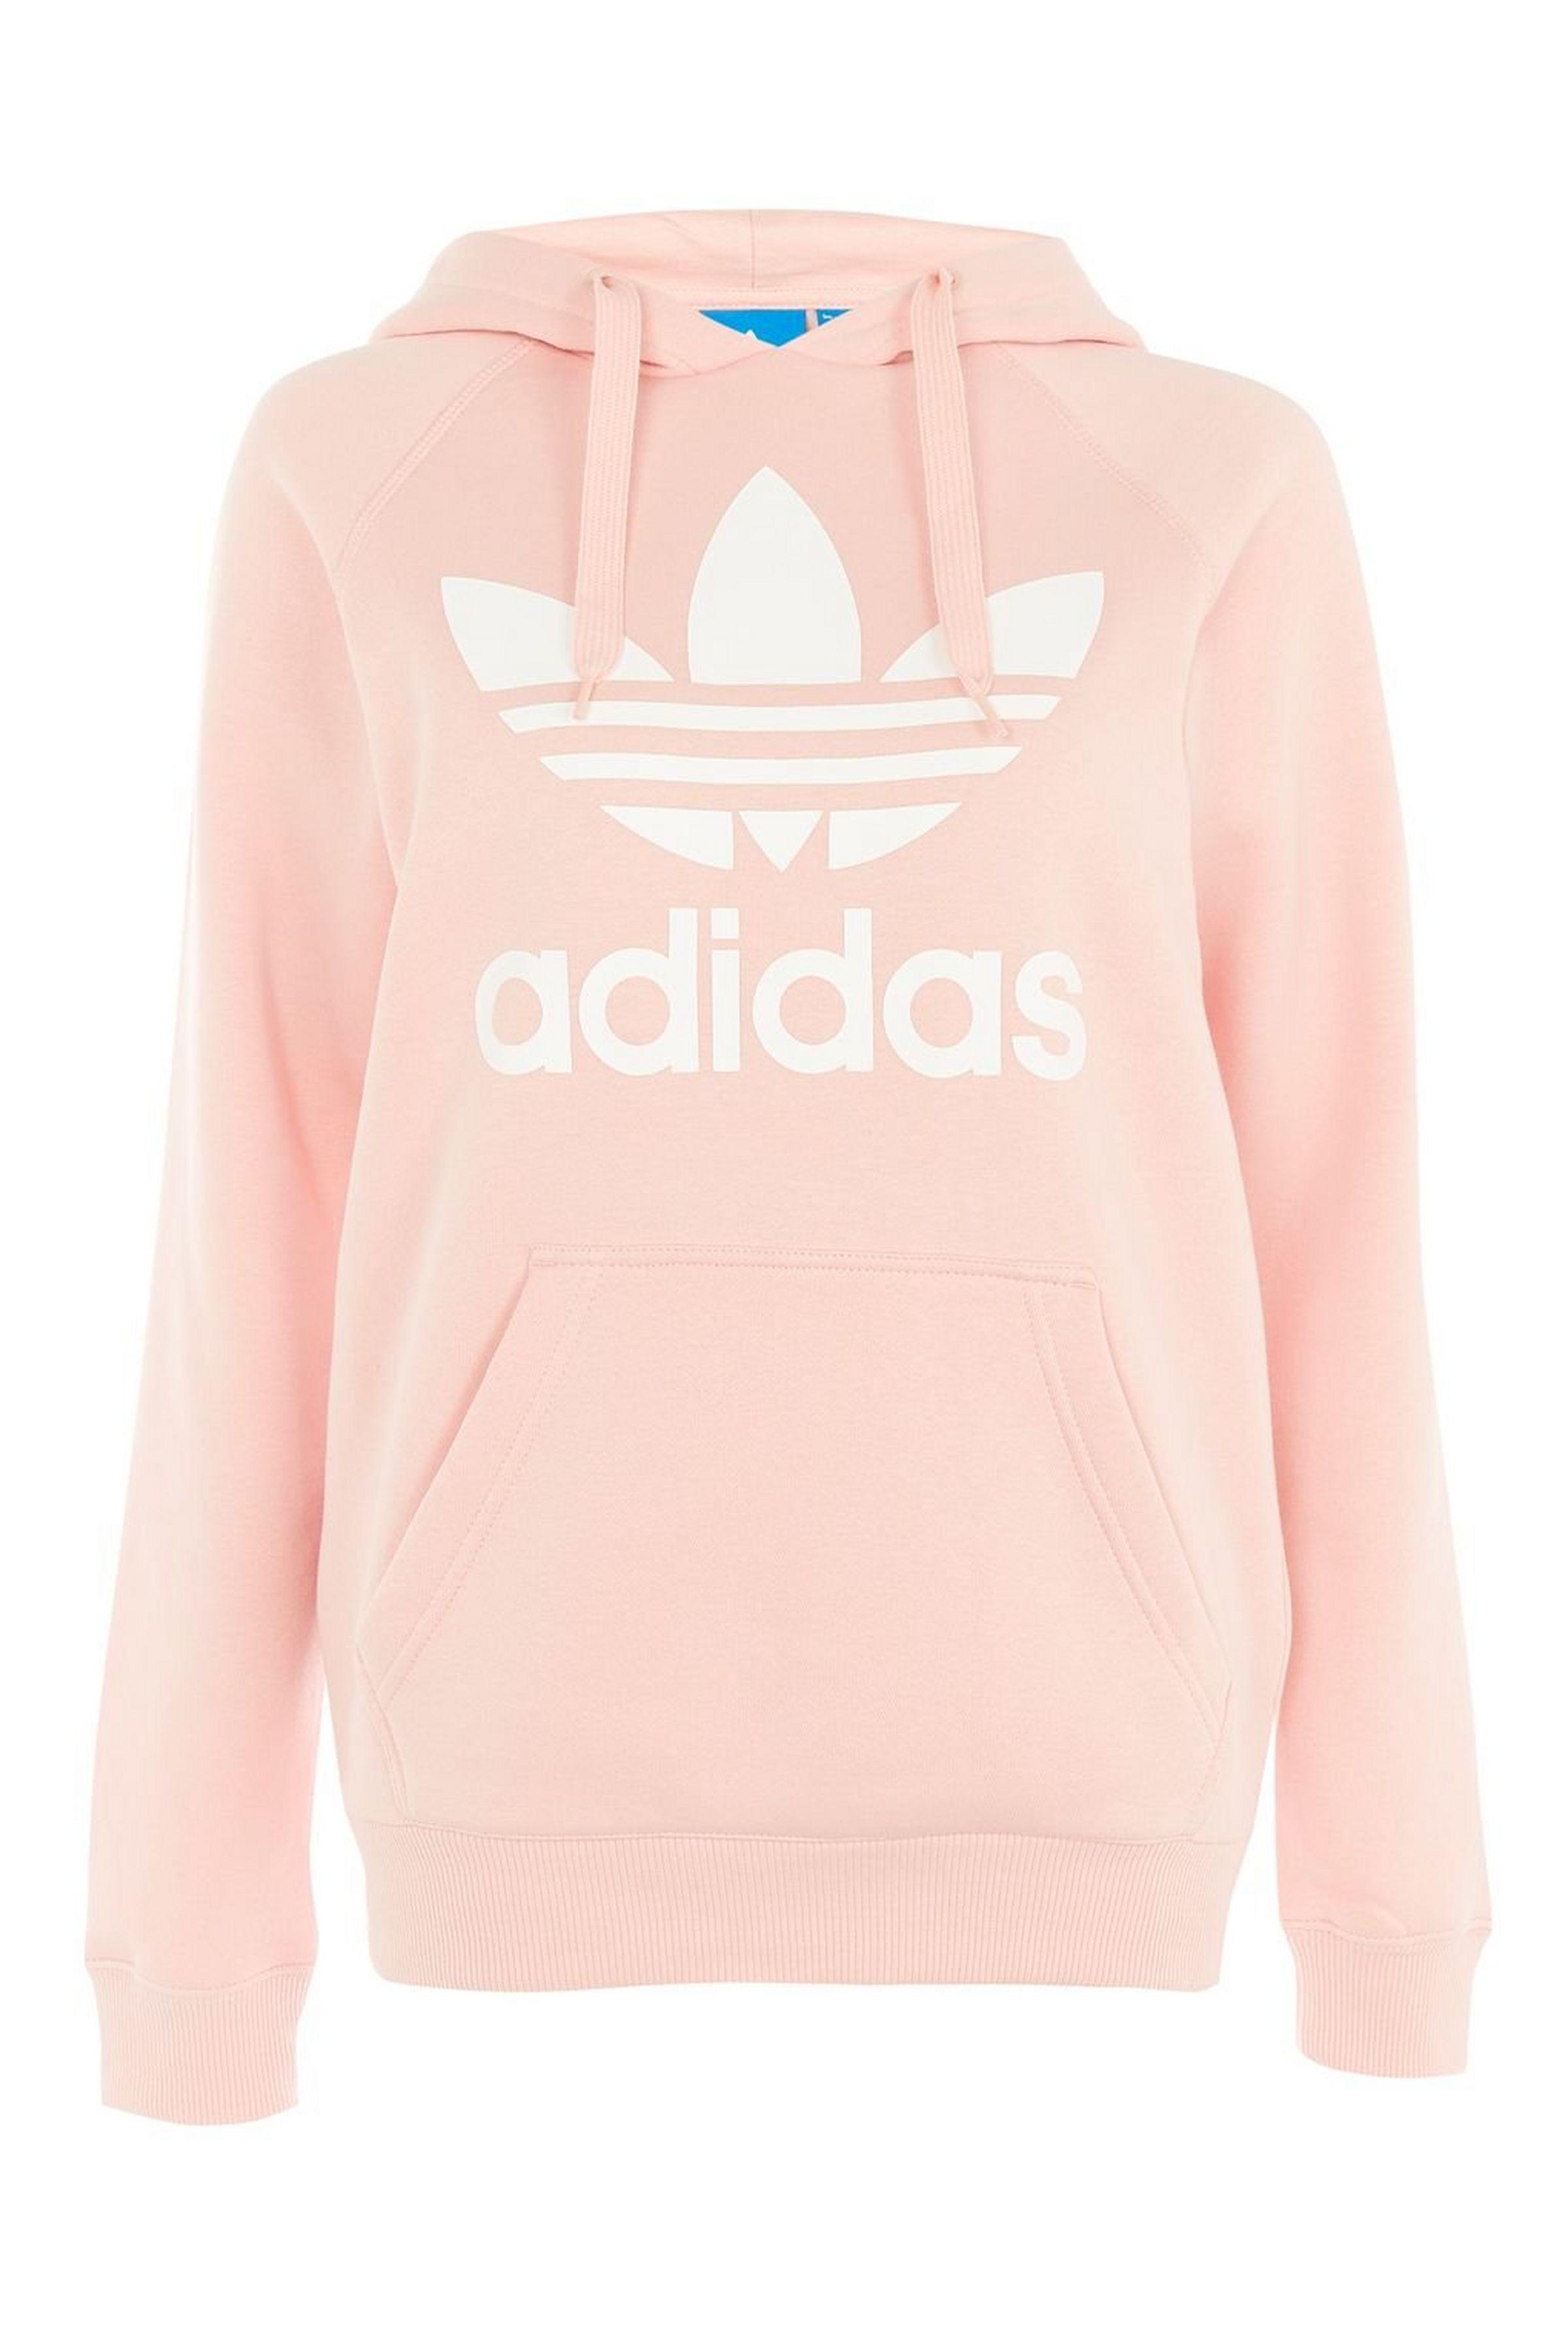 Formación Treinta Ruidoso  Trefoil Hoodie by Adidas Originals | Adidas outfit, Hoodies womens, Adidas  trefoil hoodie